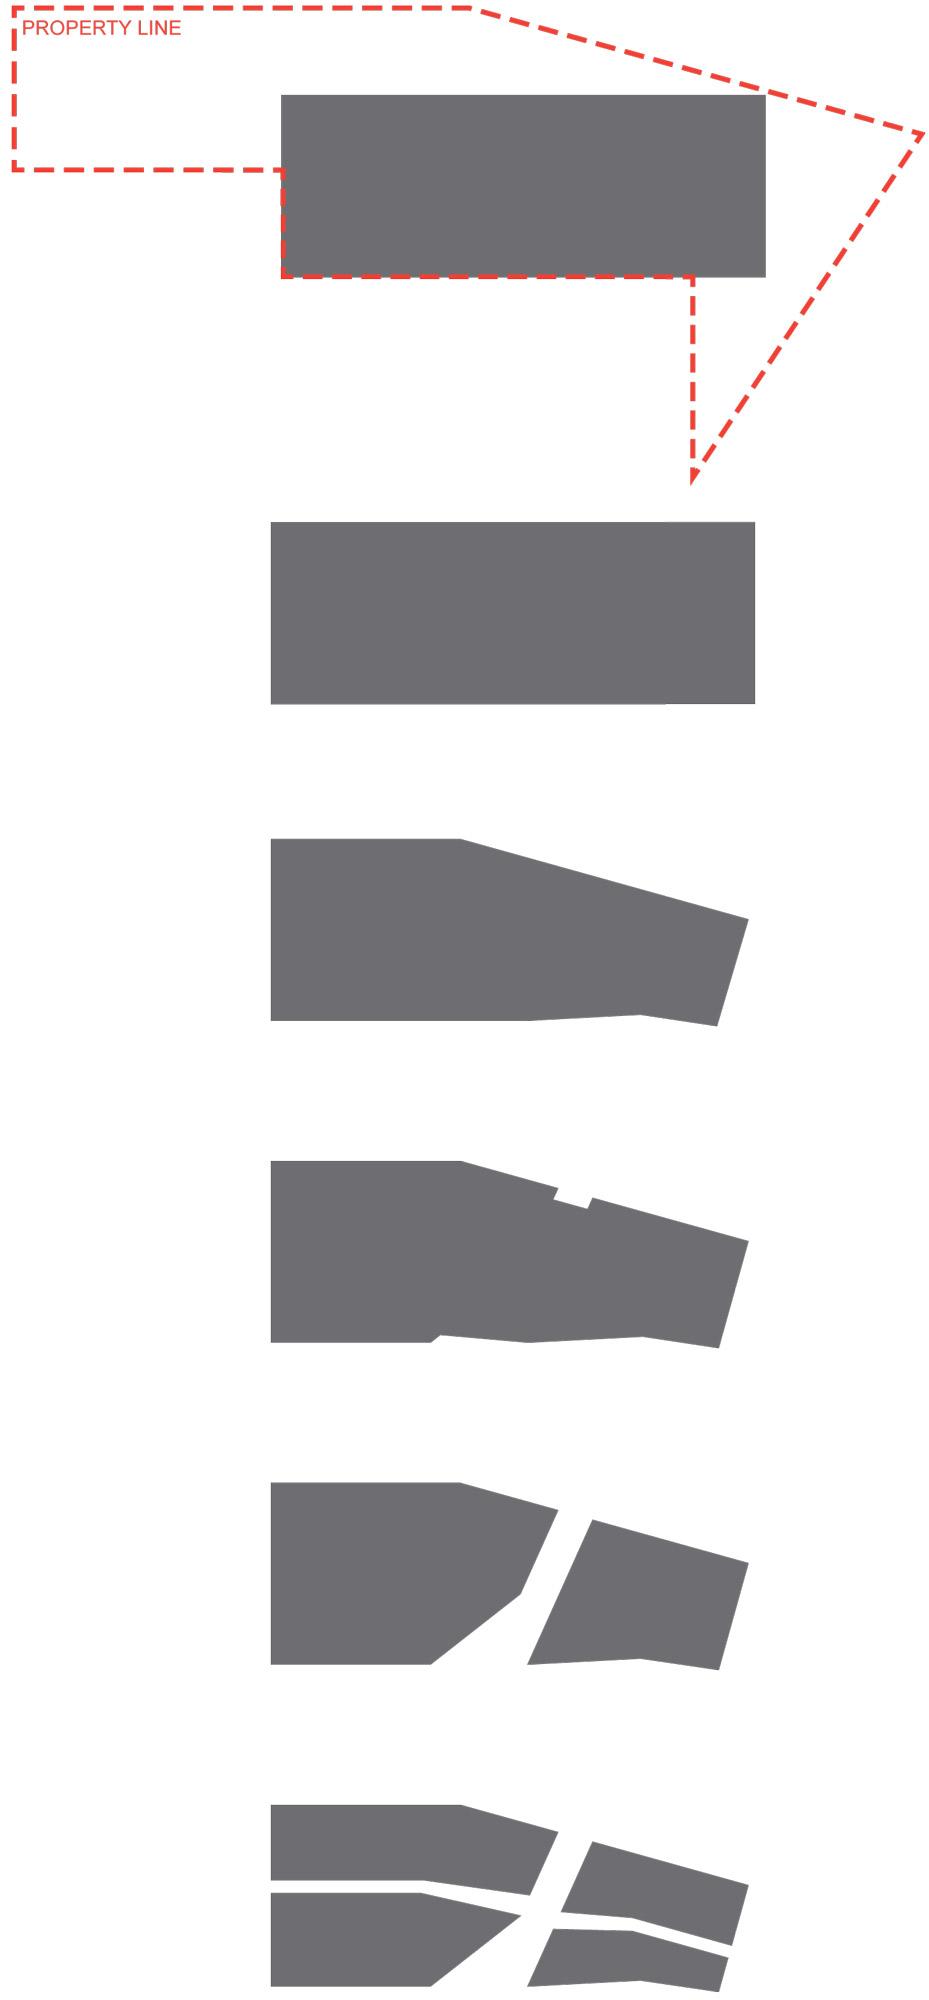 Diagramma delle geometrie © Shinberg.Levinas Architects